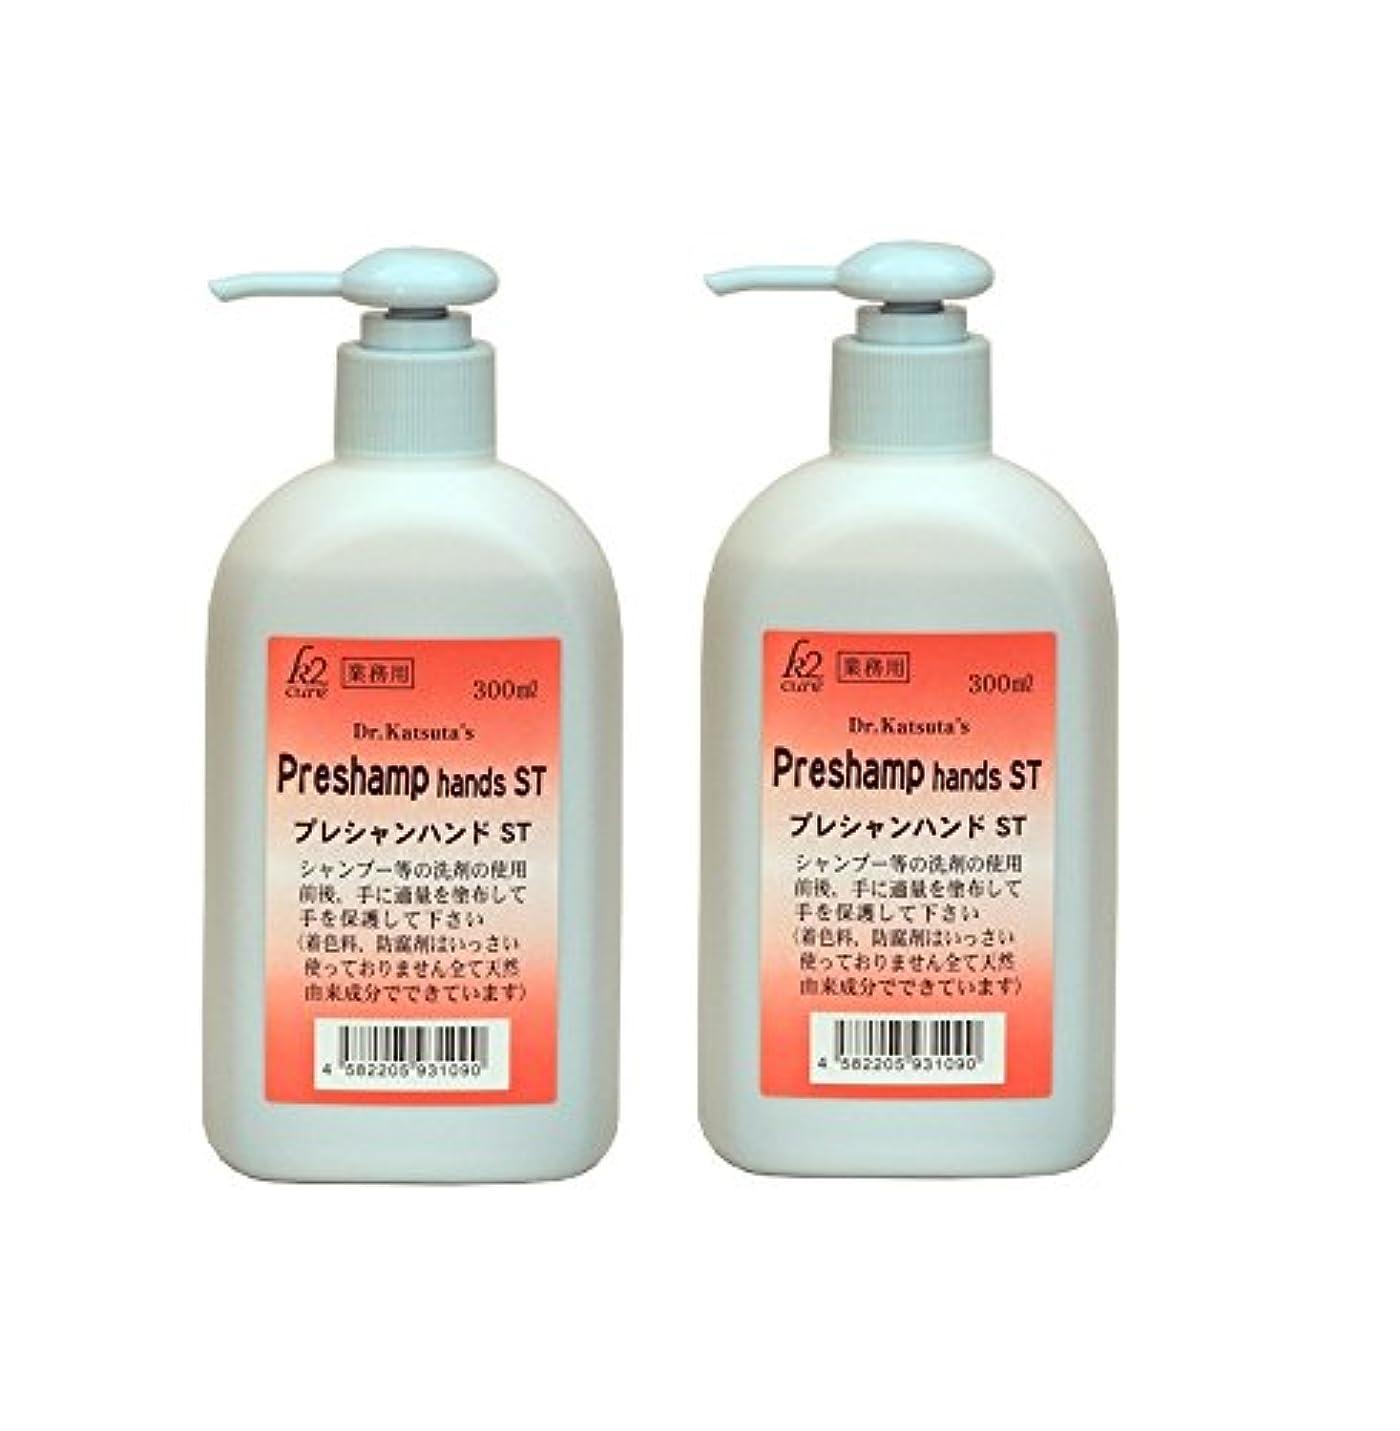 泥好きであるペニーk2 cure プレシャンハンド ST 300ml  2個セット 【国内正規品】